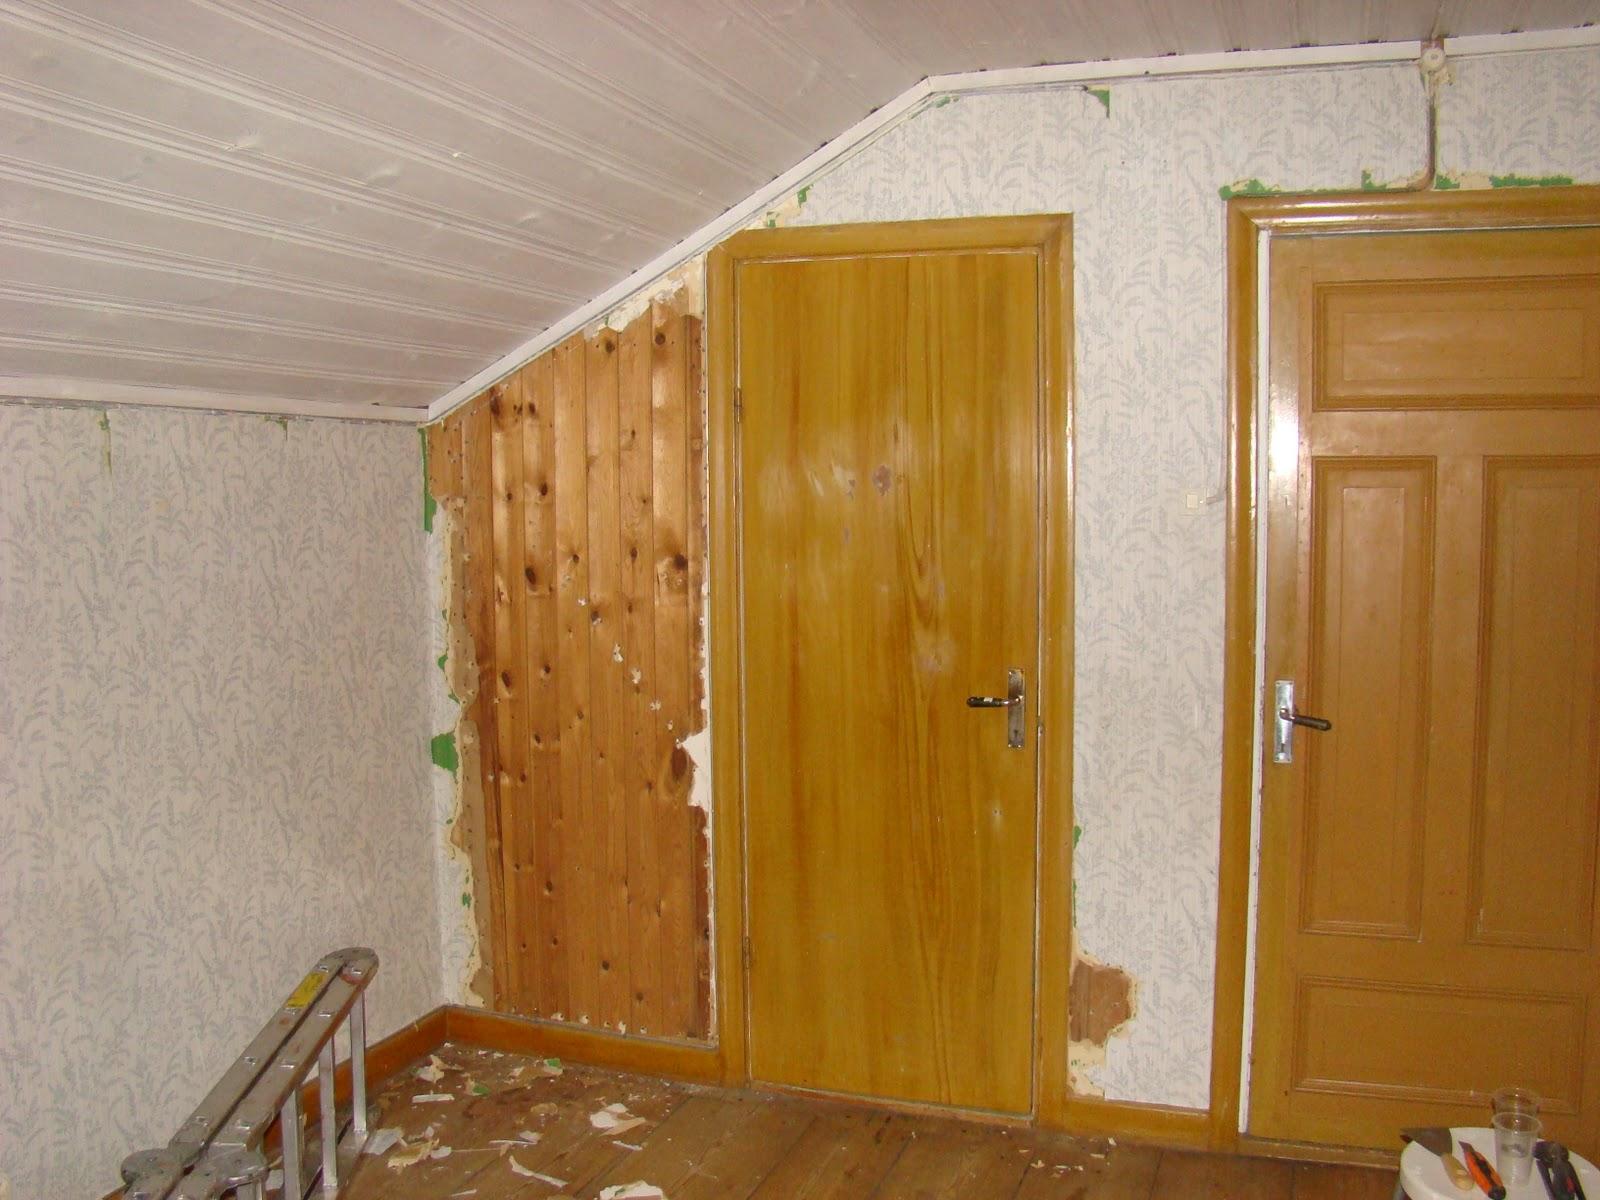 lisas nicht ganz langweiliges leben renovieren. Black Bedroom Furniture Sets. Home Design Ideas